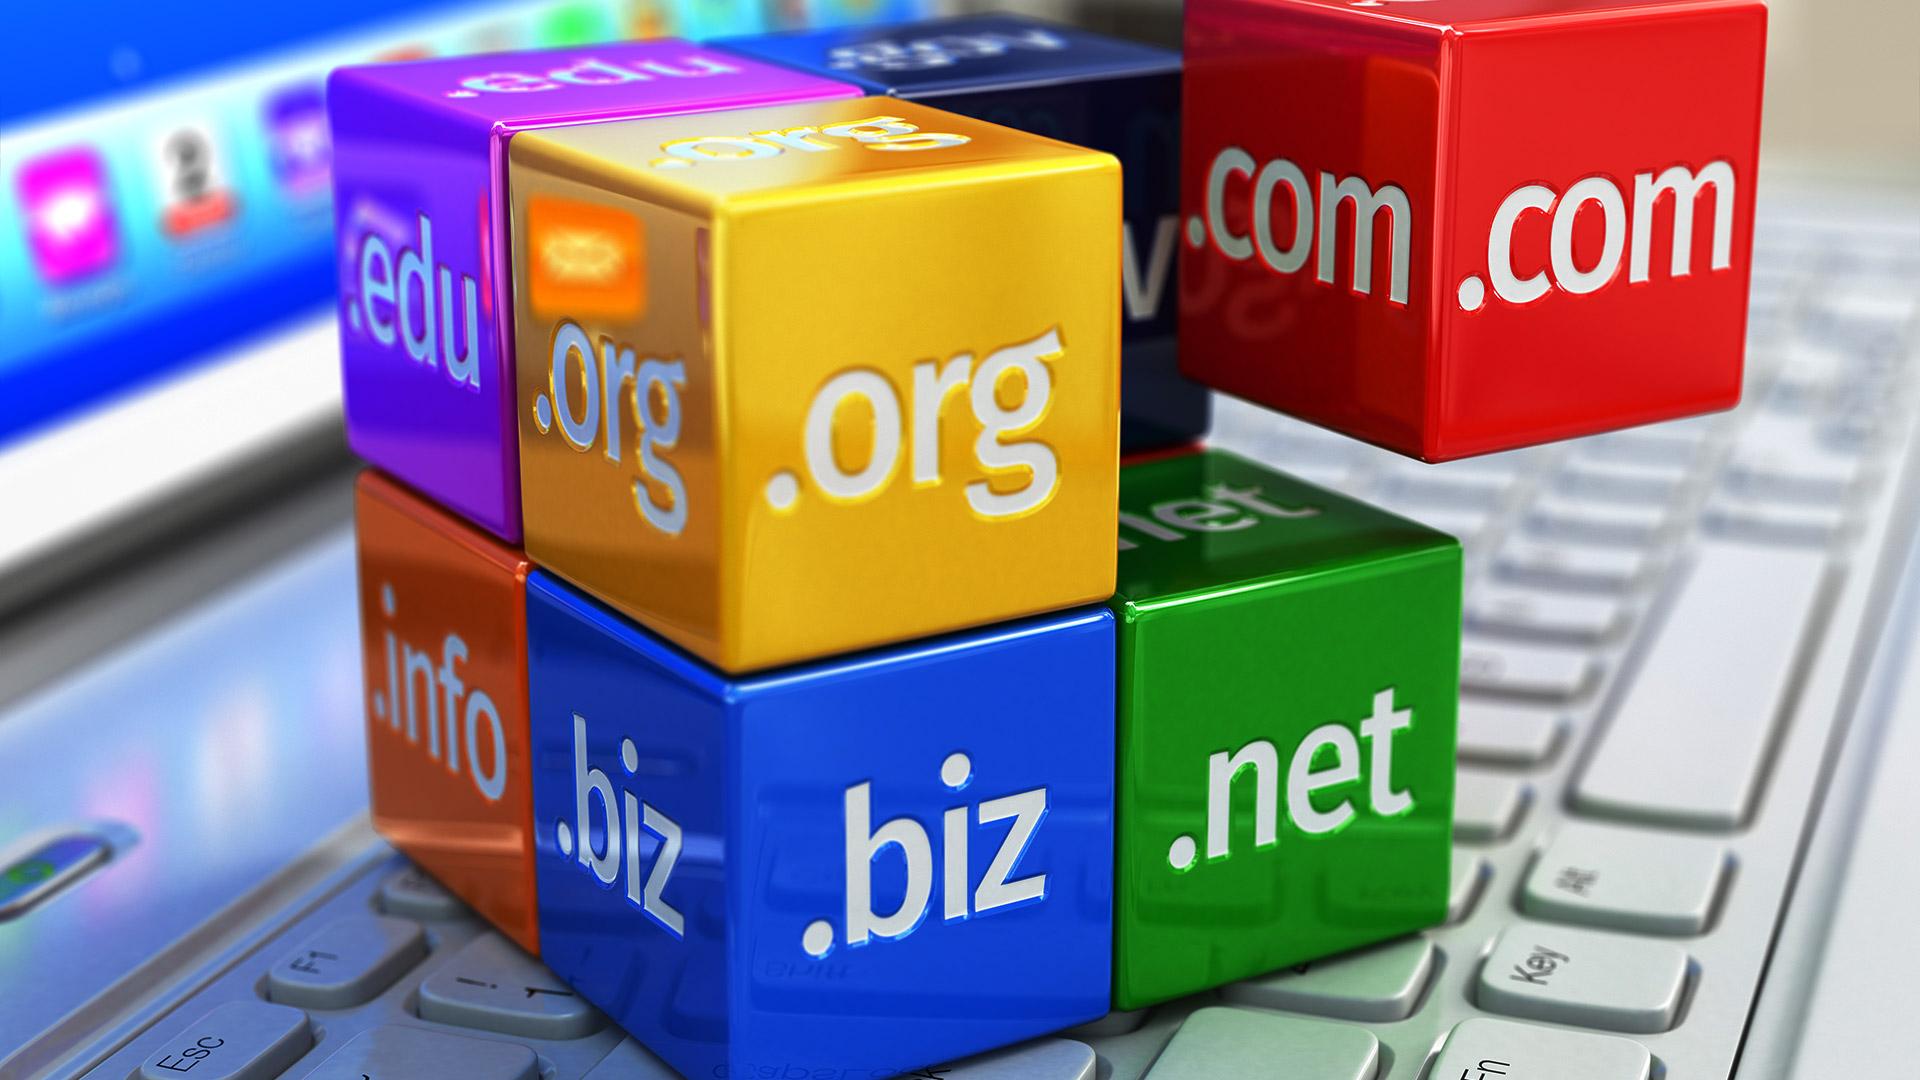 Quản lý thương hiệu: Lời khuyên cho việc bảo vệ danh mục tên miền